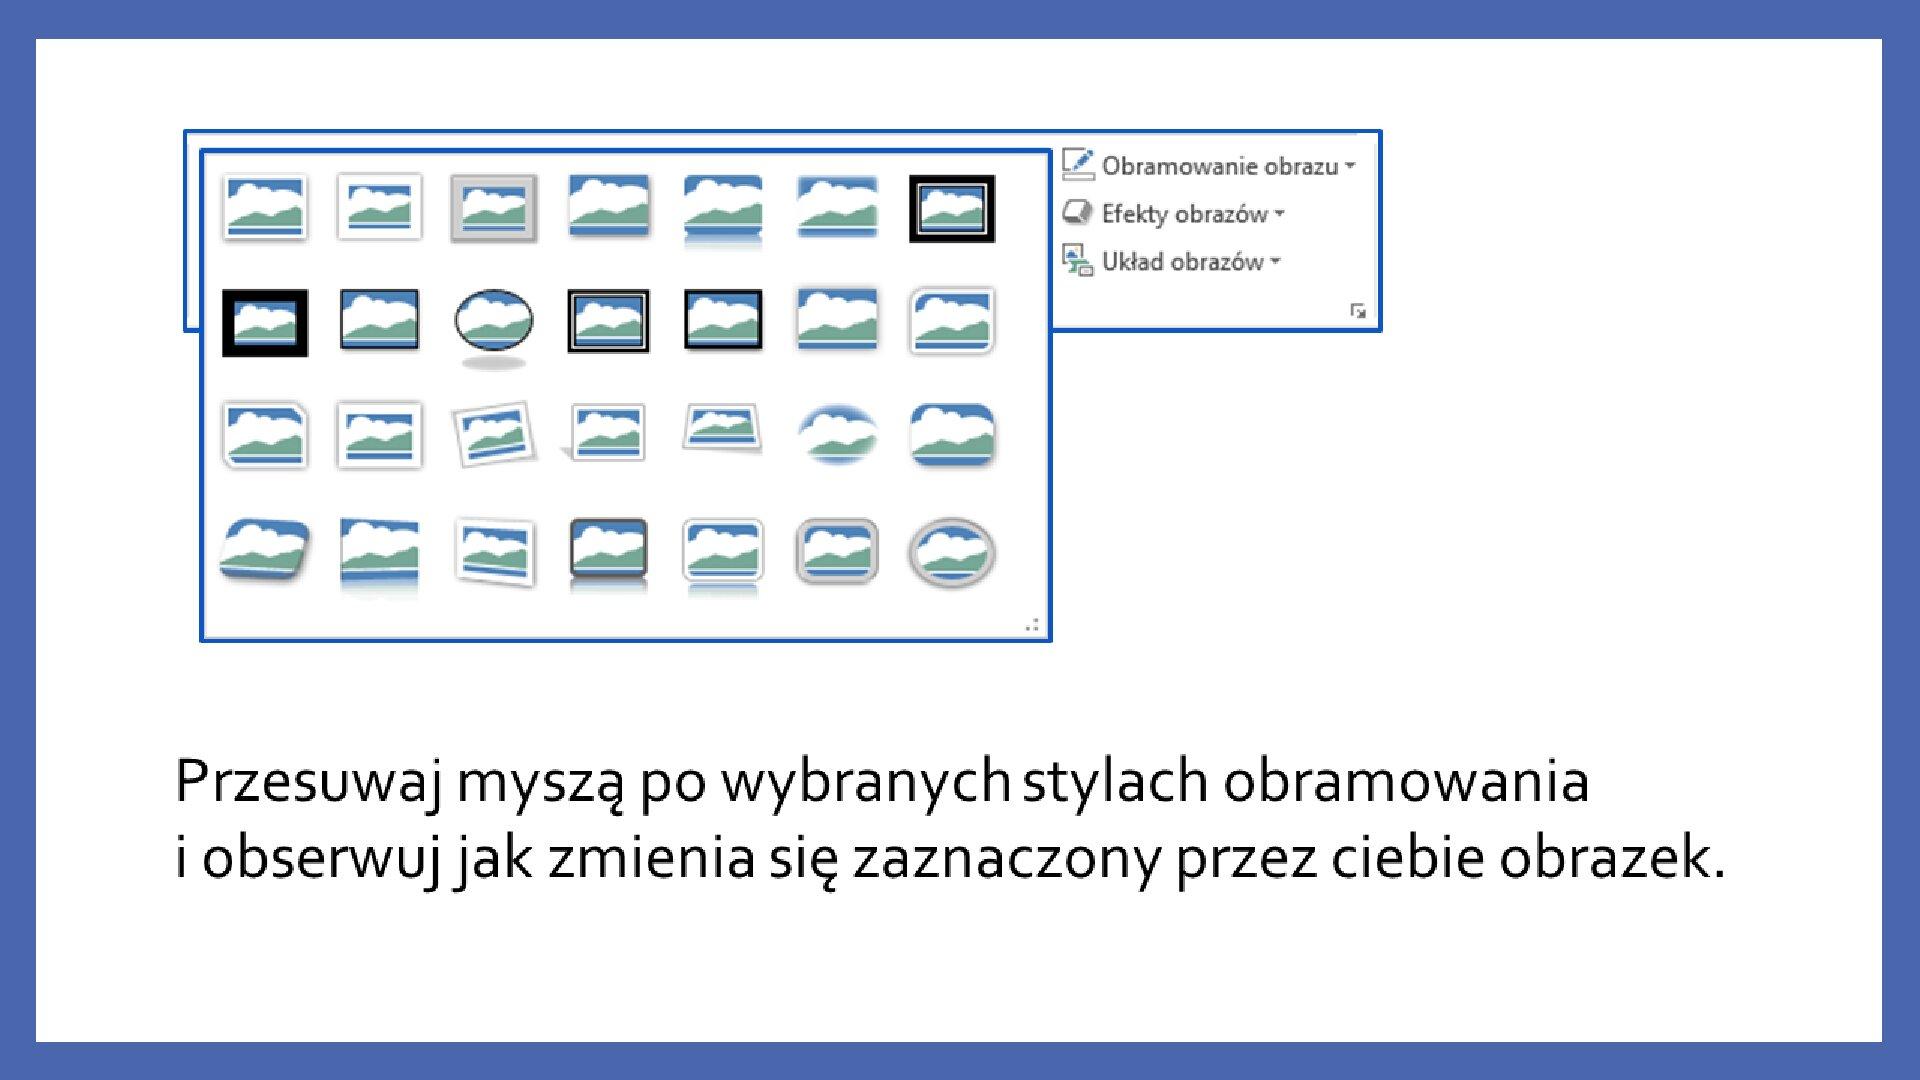 Slajd 3 galerii zrzutów slajdów: Modyfikacja obiektów wprogramie MS PowerPoint